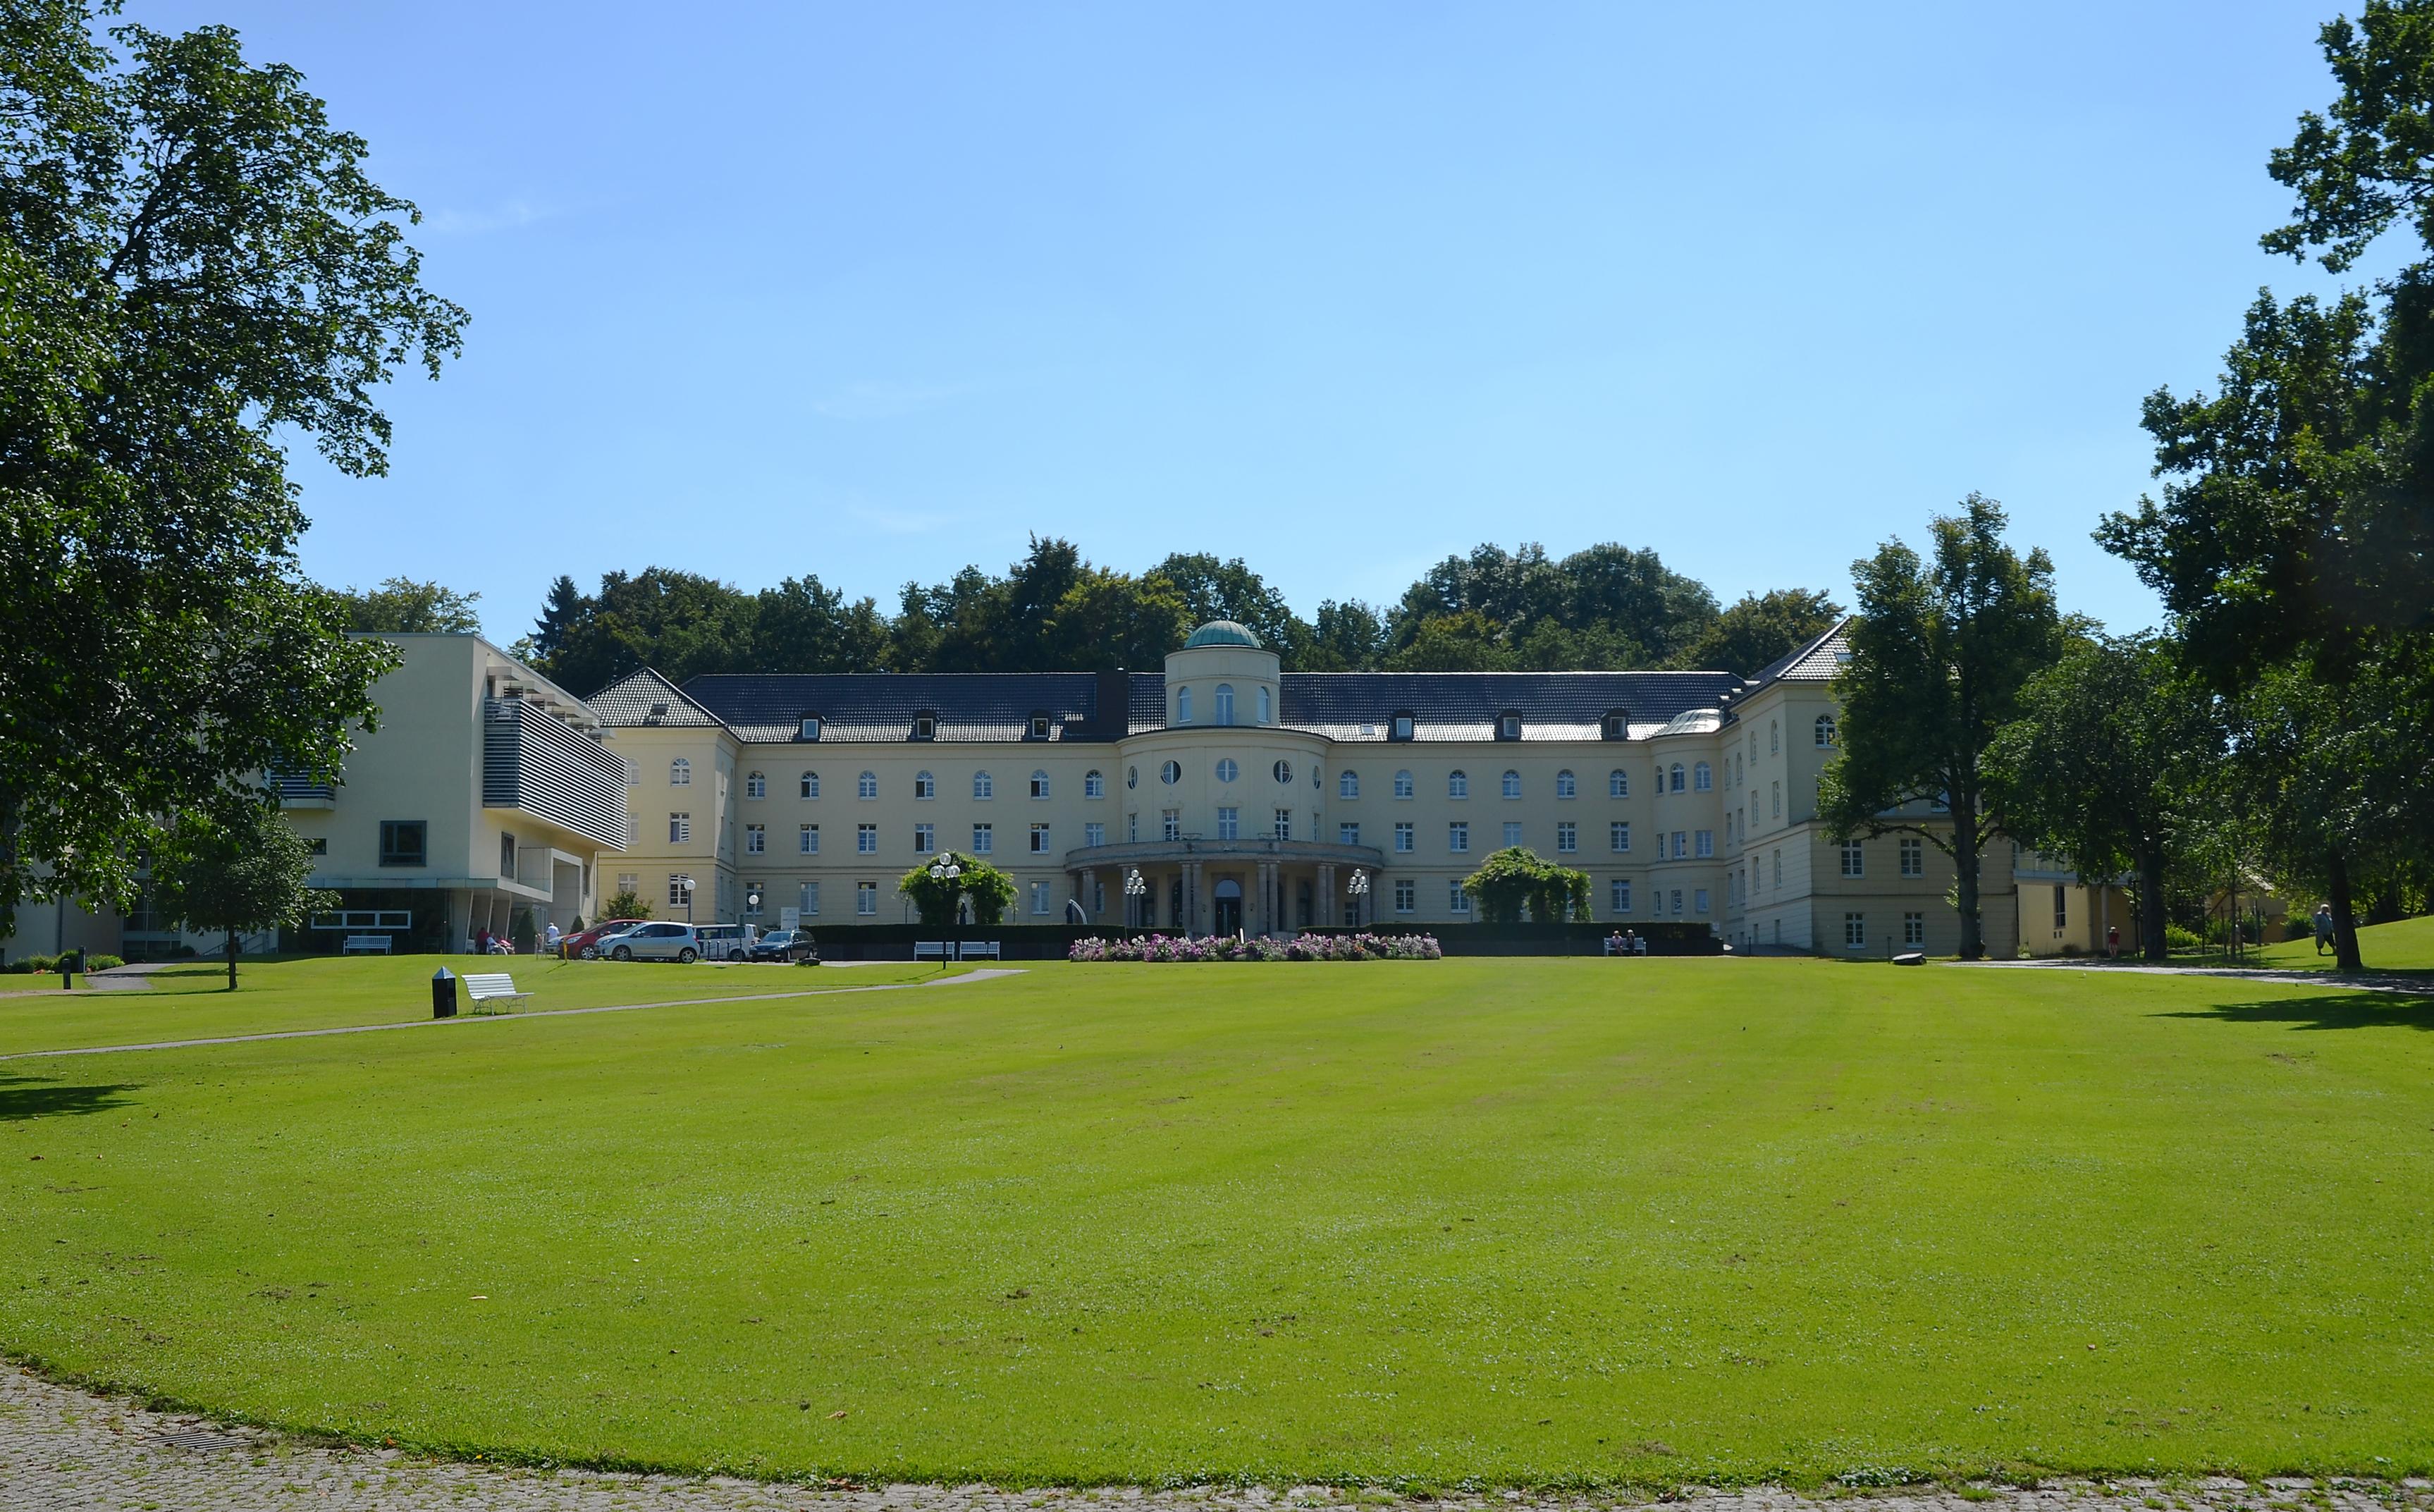 Kuranlage Bad Hermannsborn Wikipedia